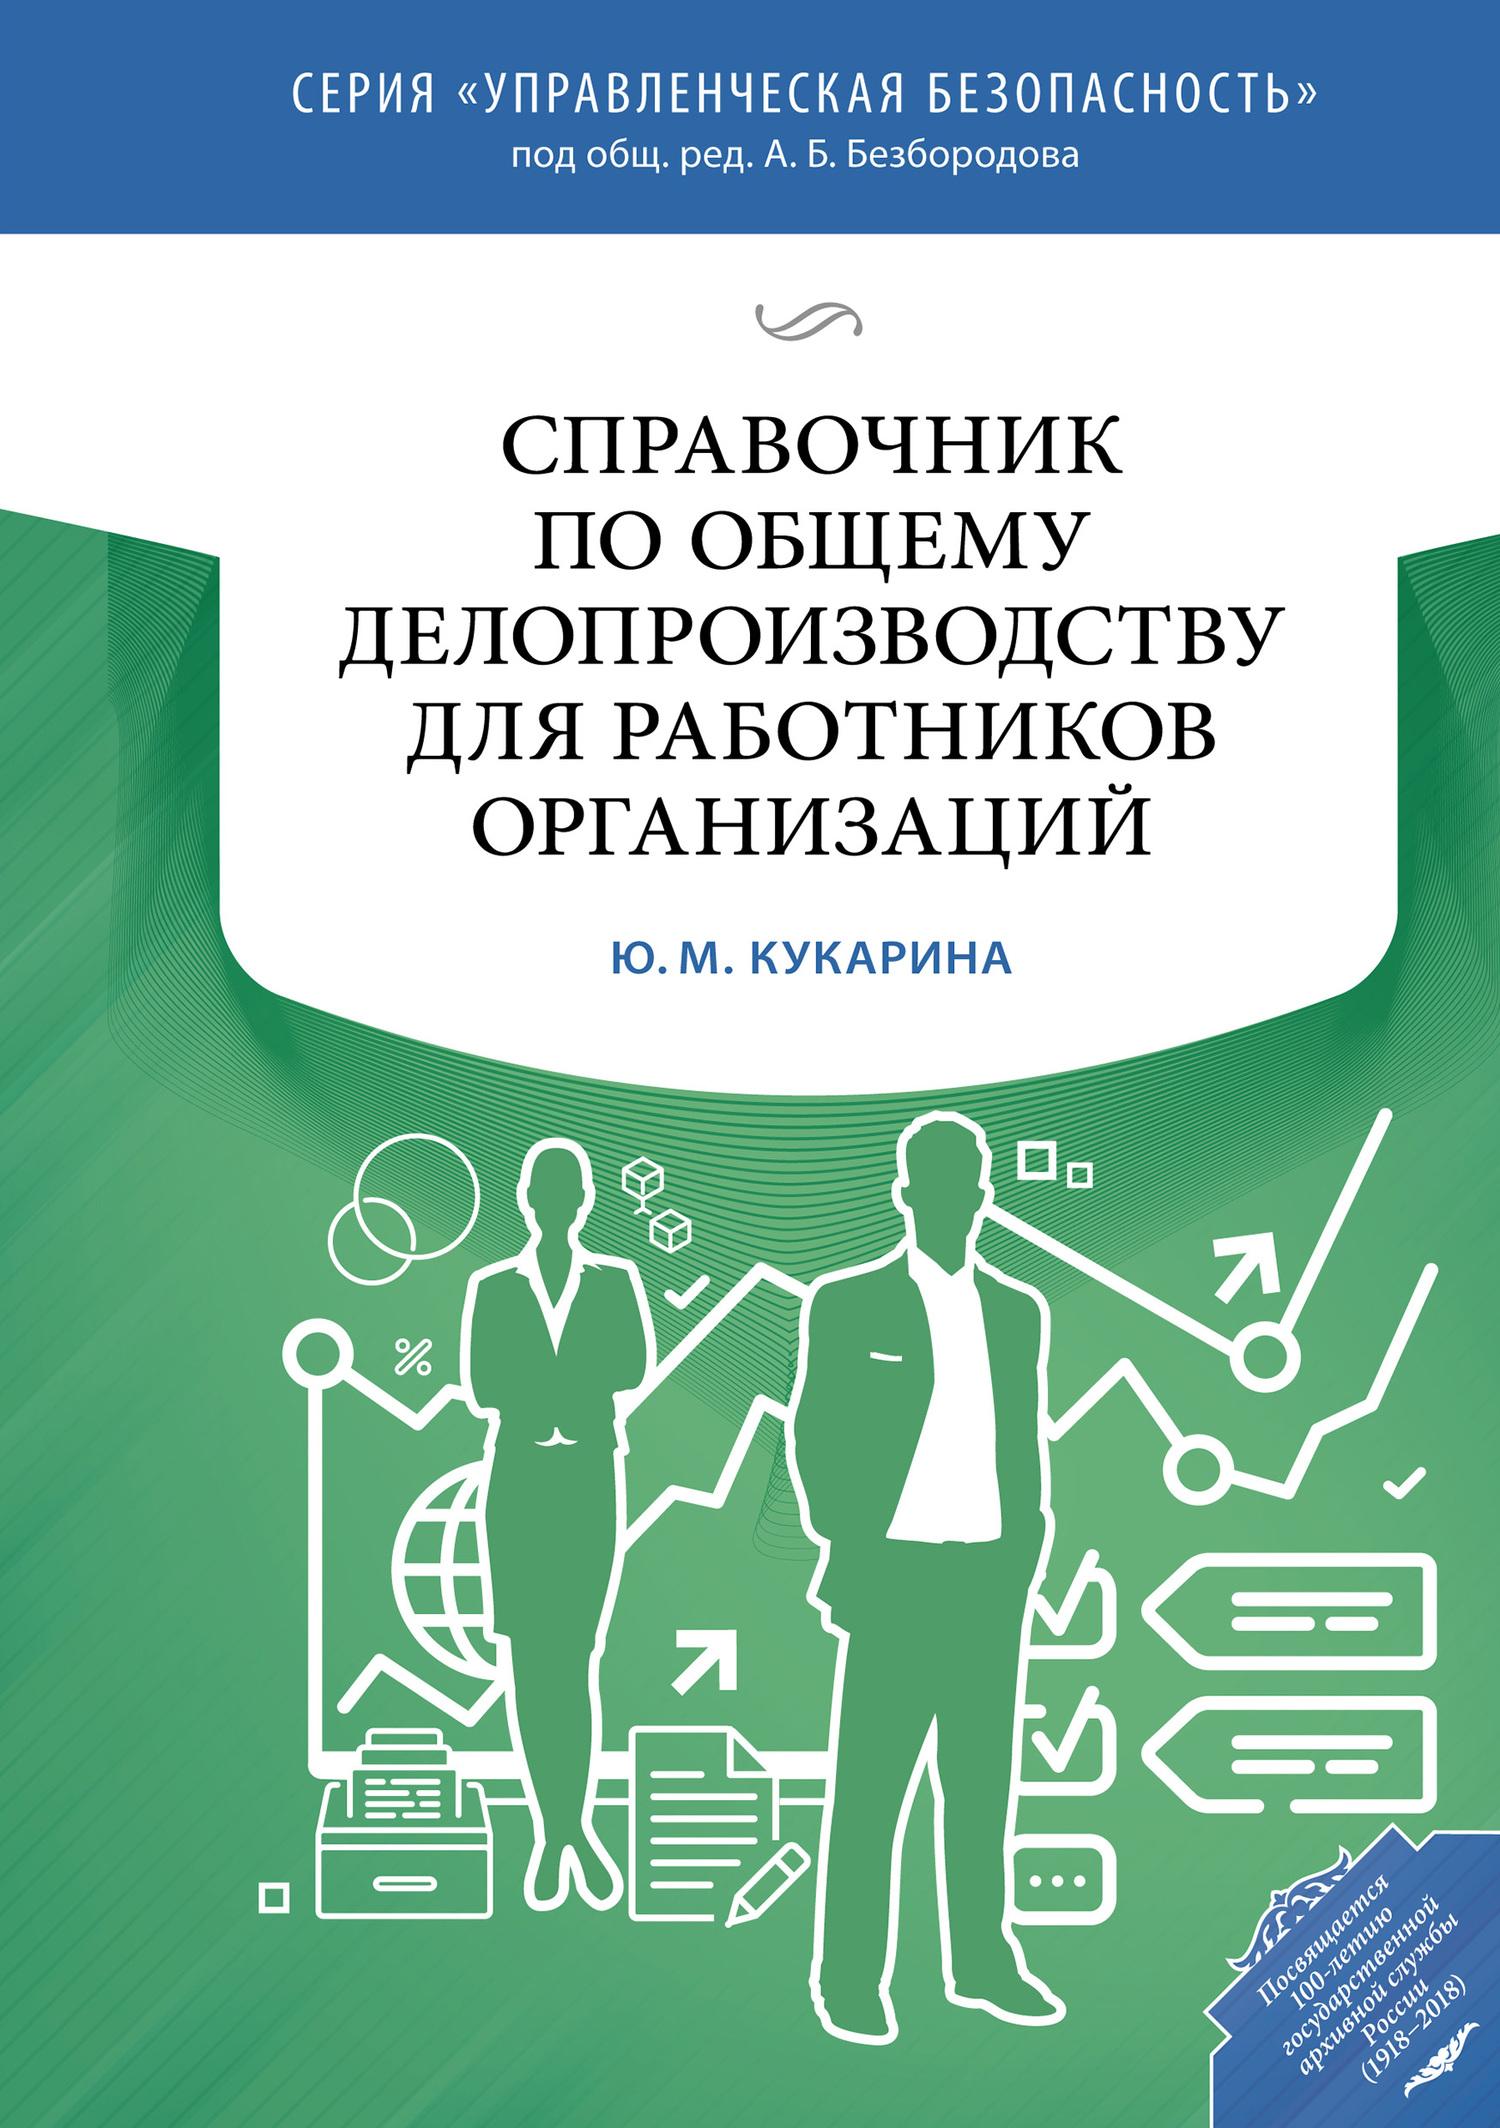 Ю. М. Кукарина Справочник по общему делопроизводству для работников организаций